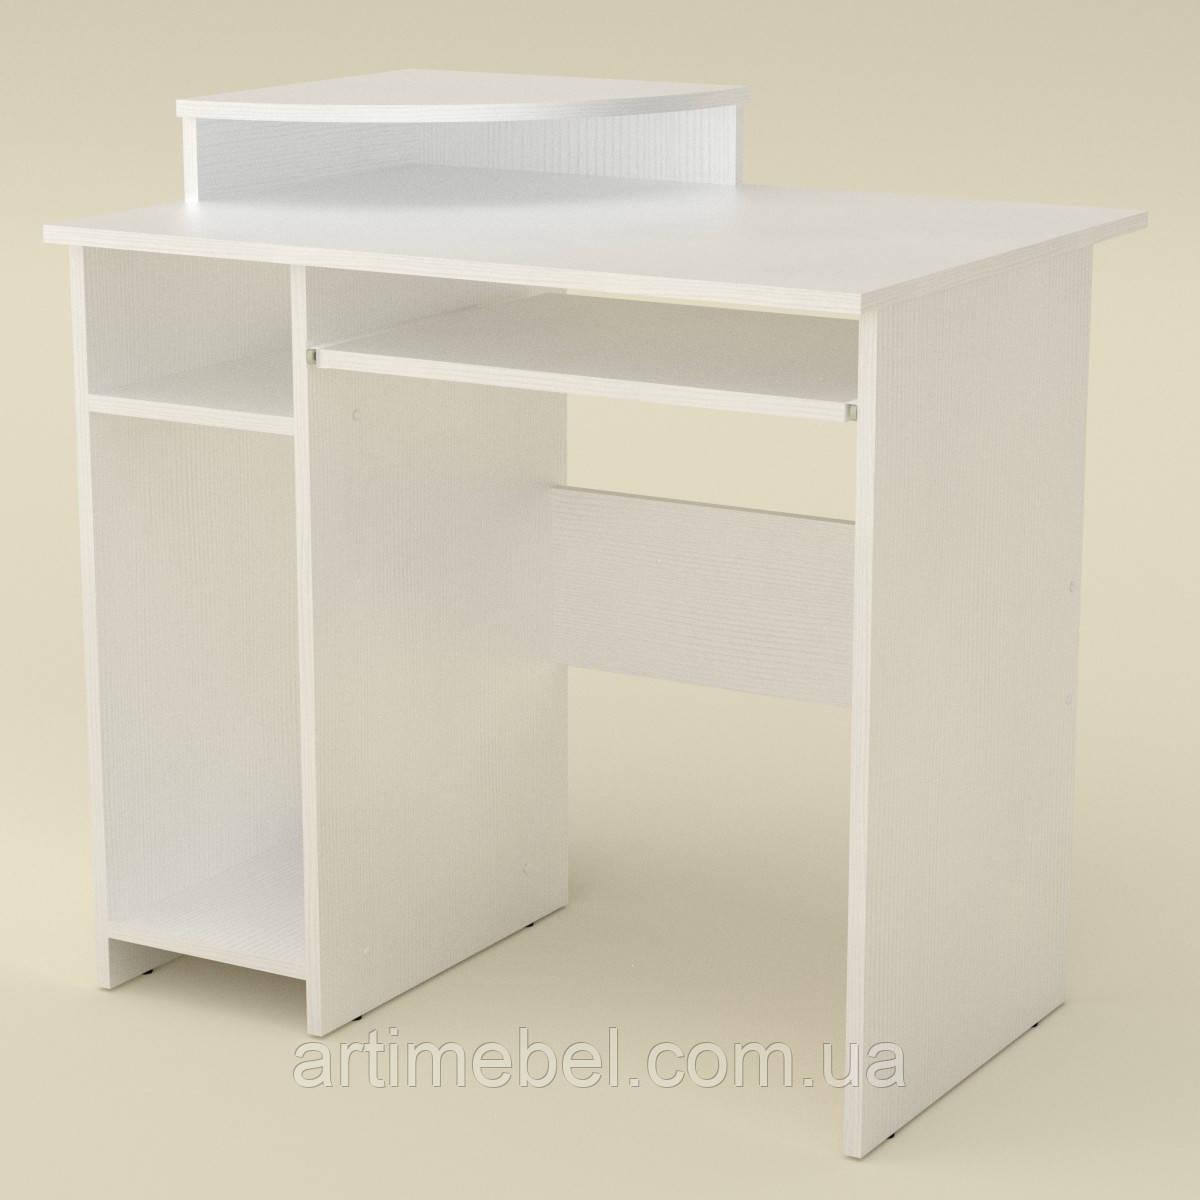 Стол компьютерный СКМ-1 Компанит, фото 1